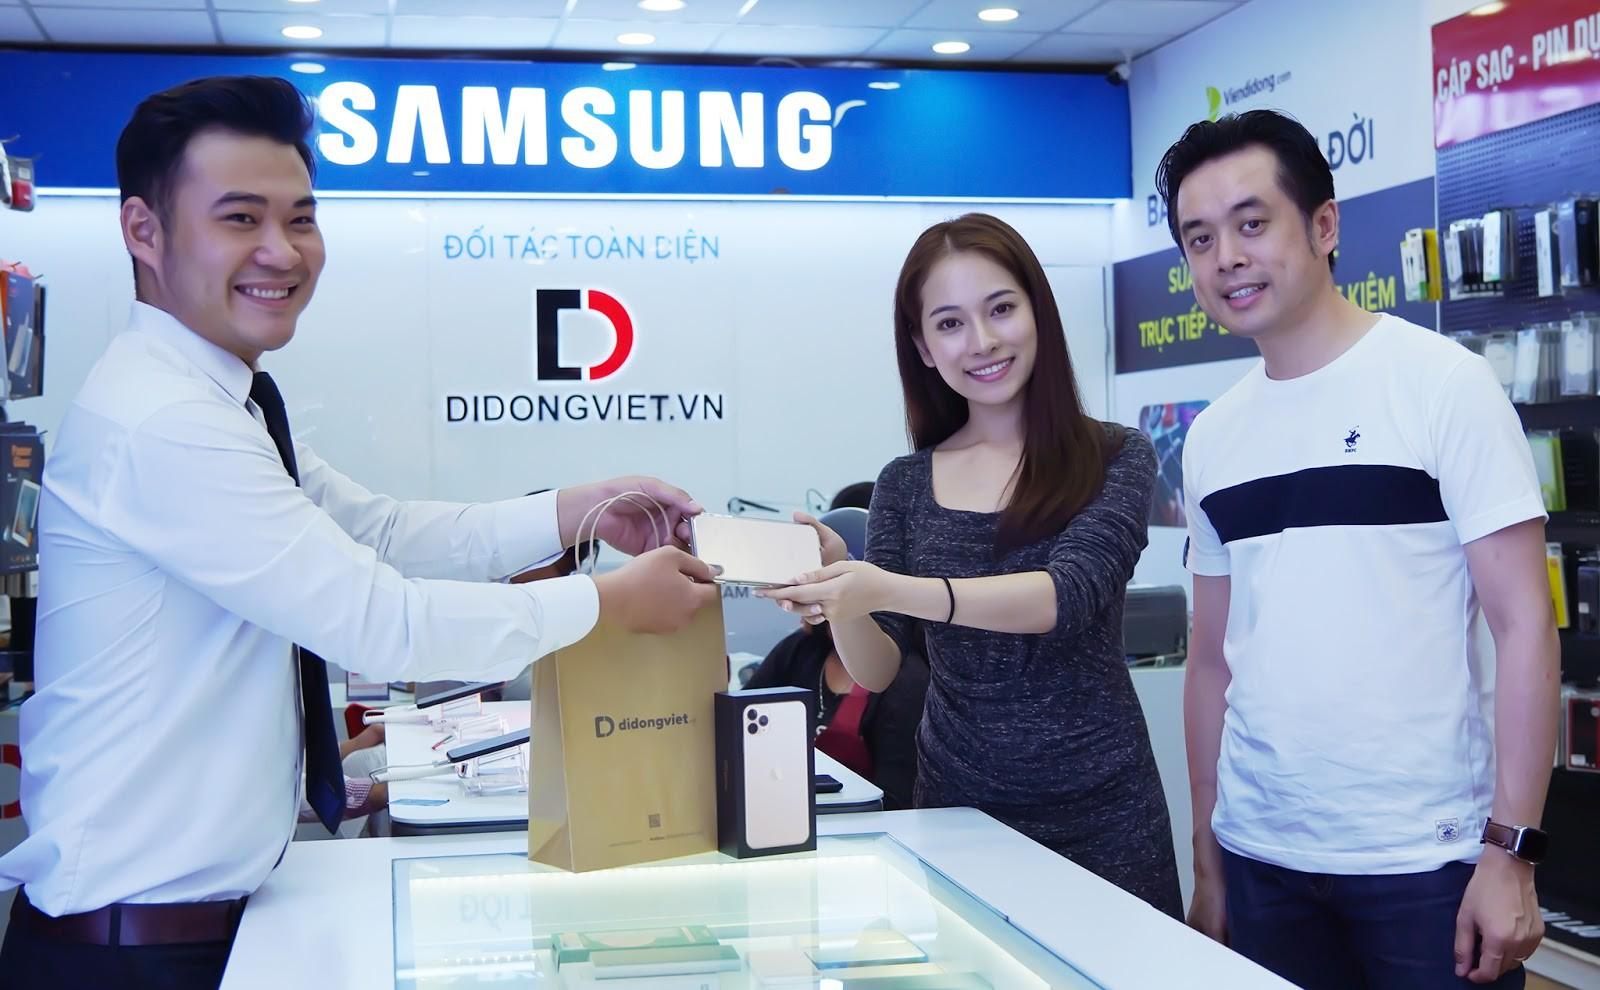 """Sara Lưu """"chơi lớn"""" tặng nhạc sĩ Dương Khắc Linh iPhone 11 Pro Max trị giá 79 triệu đồng nhưng chỉ được ngắm - Ảnh 1."""